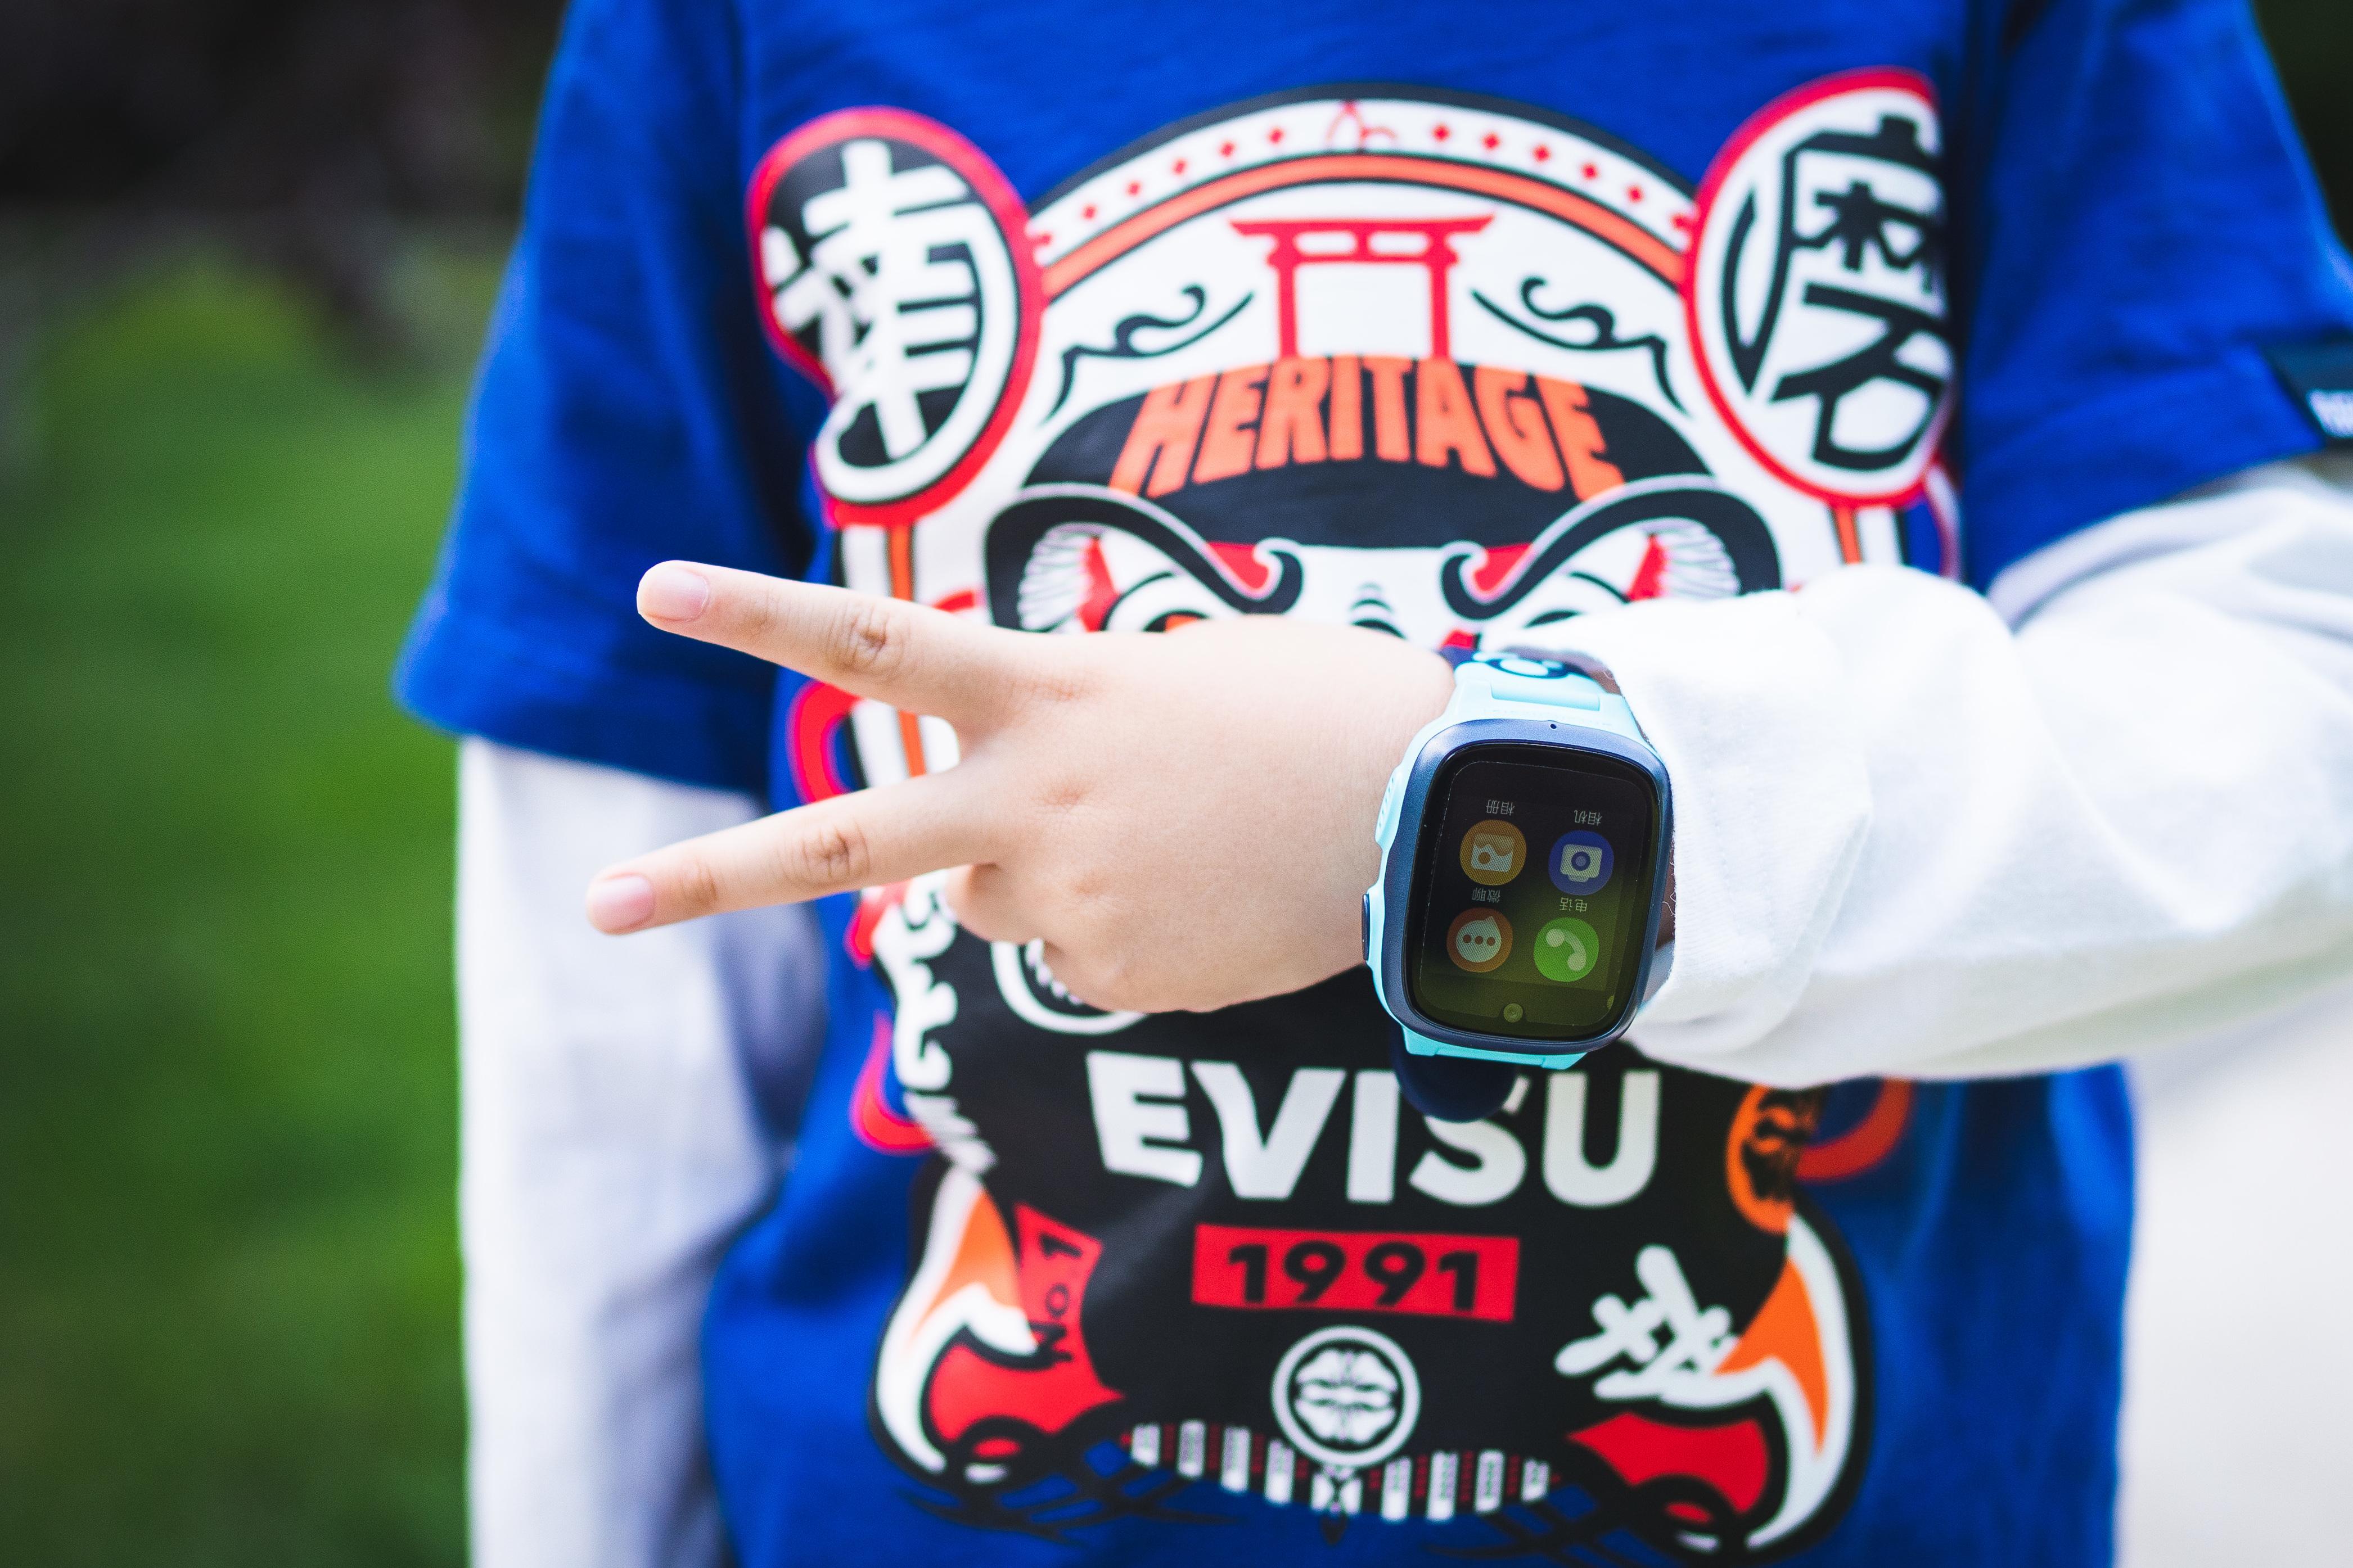 今年六一恰逢开学季-送只360儿童手表给孩子